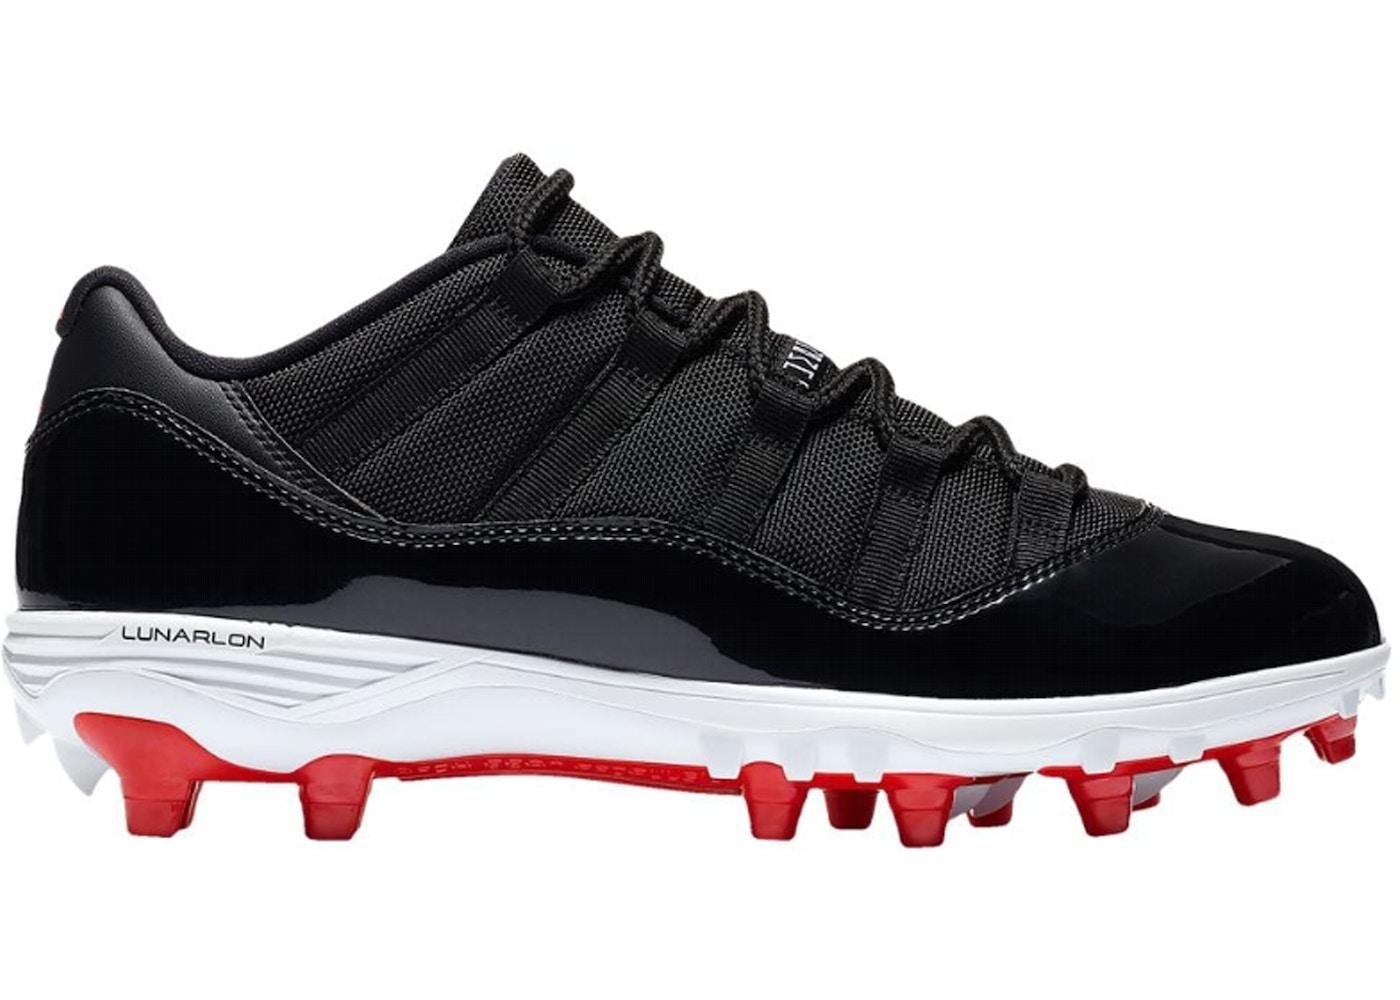 db086b41084 Air Jordan 11 Shoes - Release Date